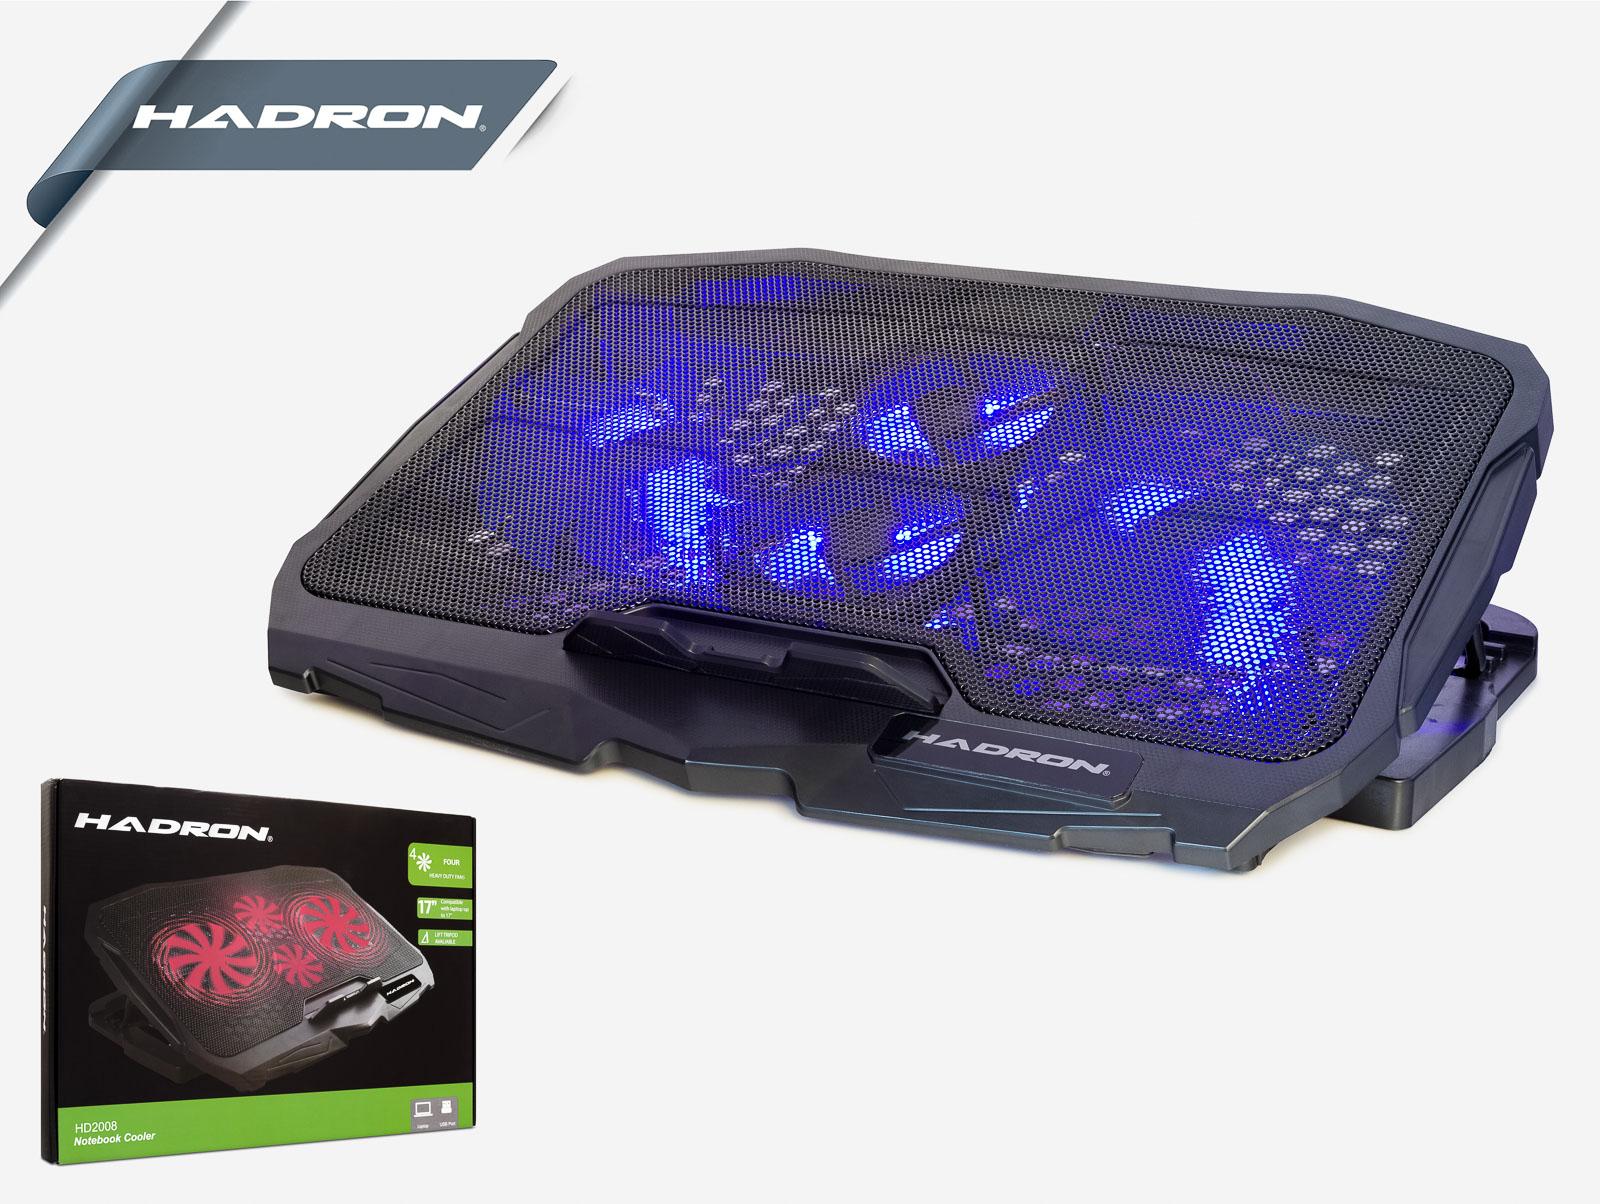 Hadron Hd2008 Notebook Soğutucu Ledli 4 Fanlı